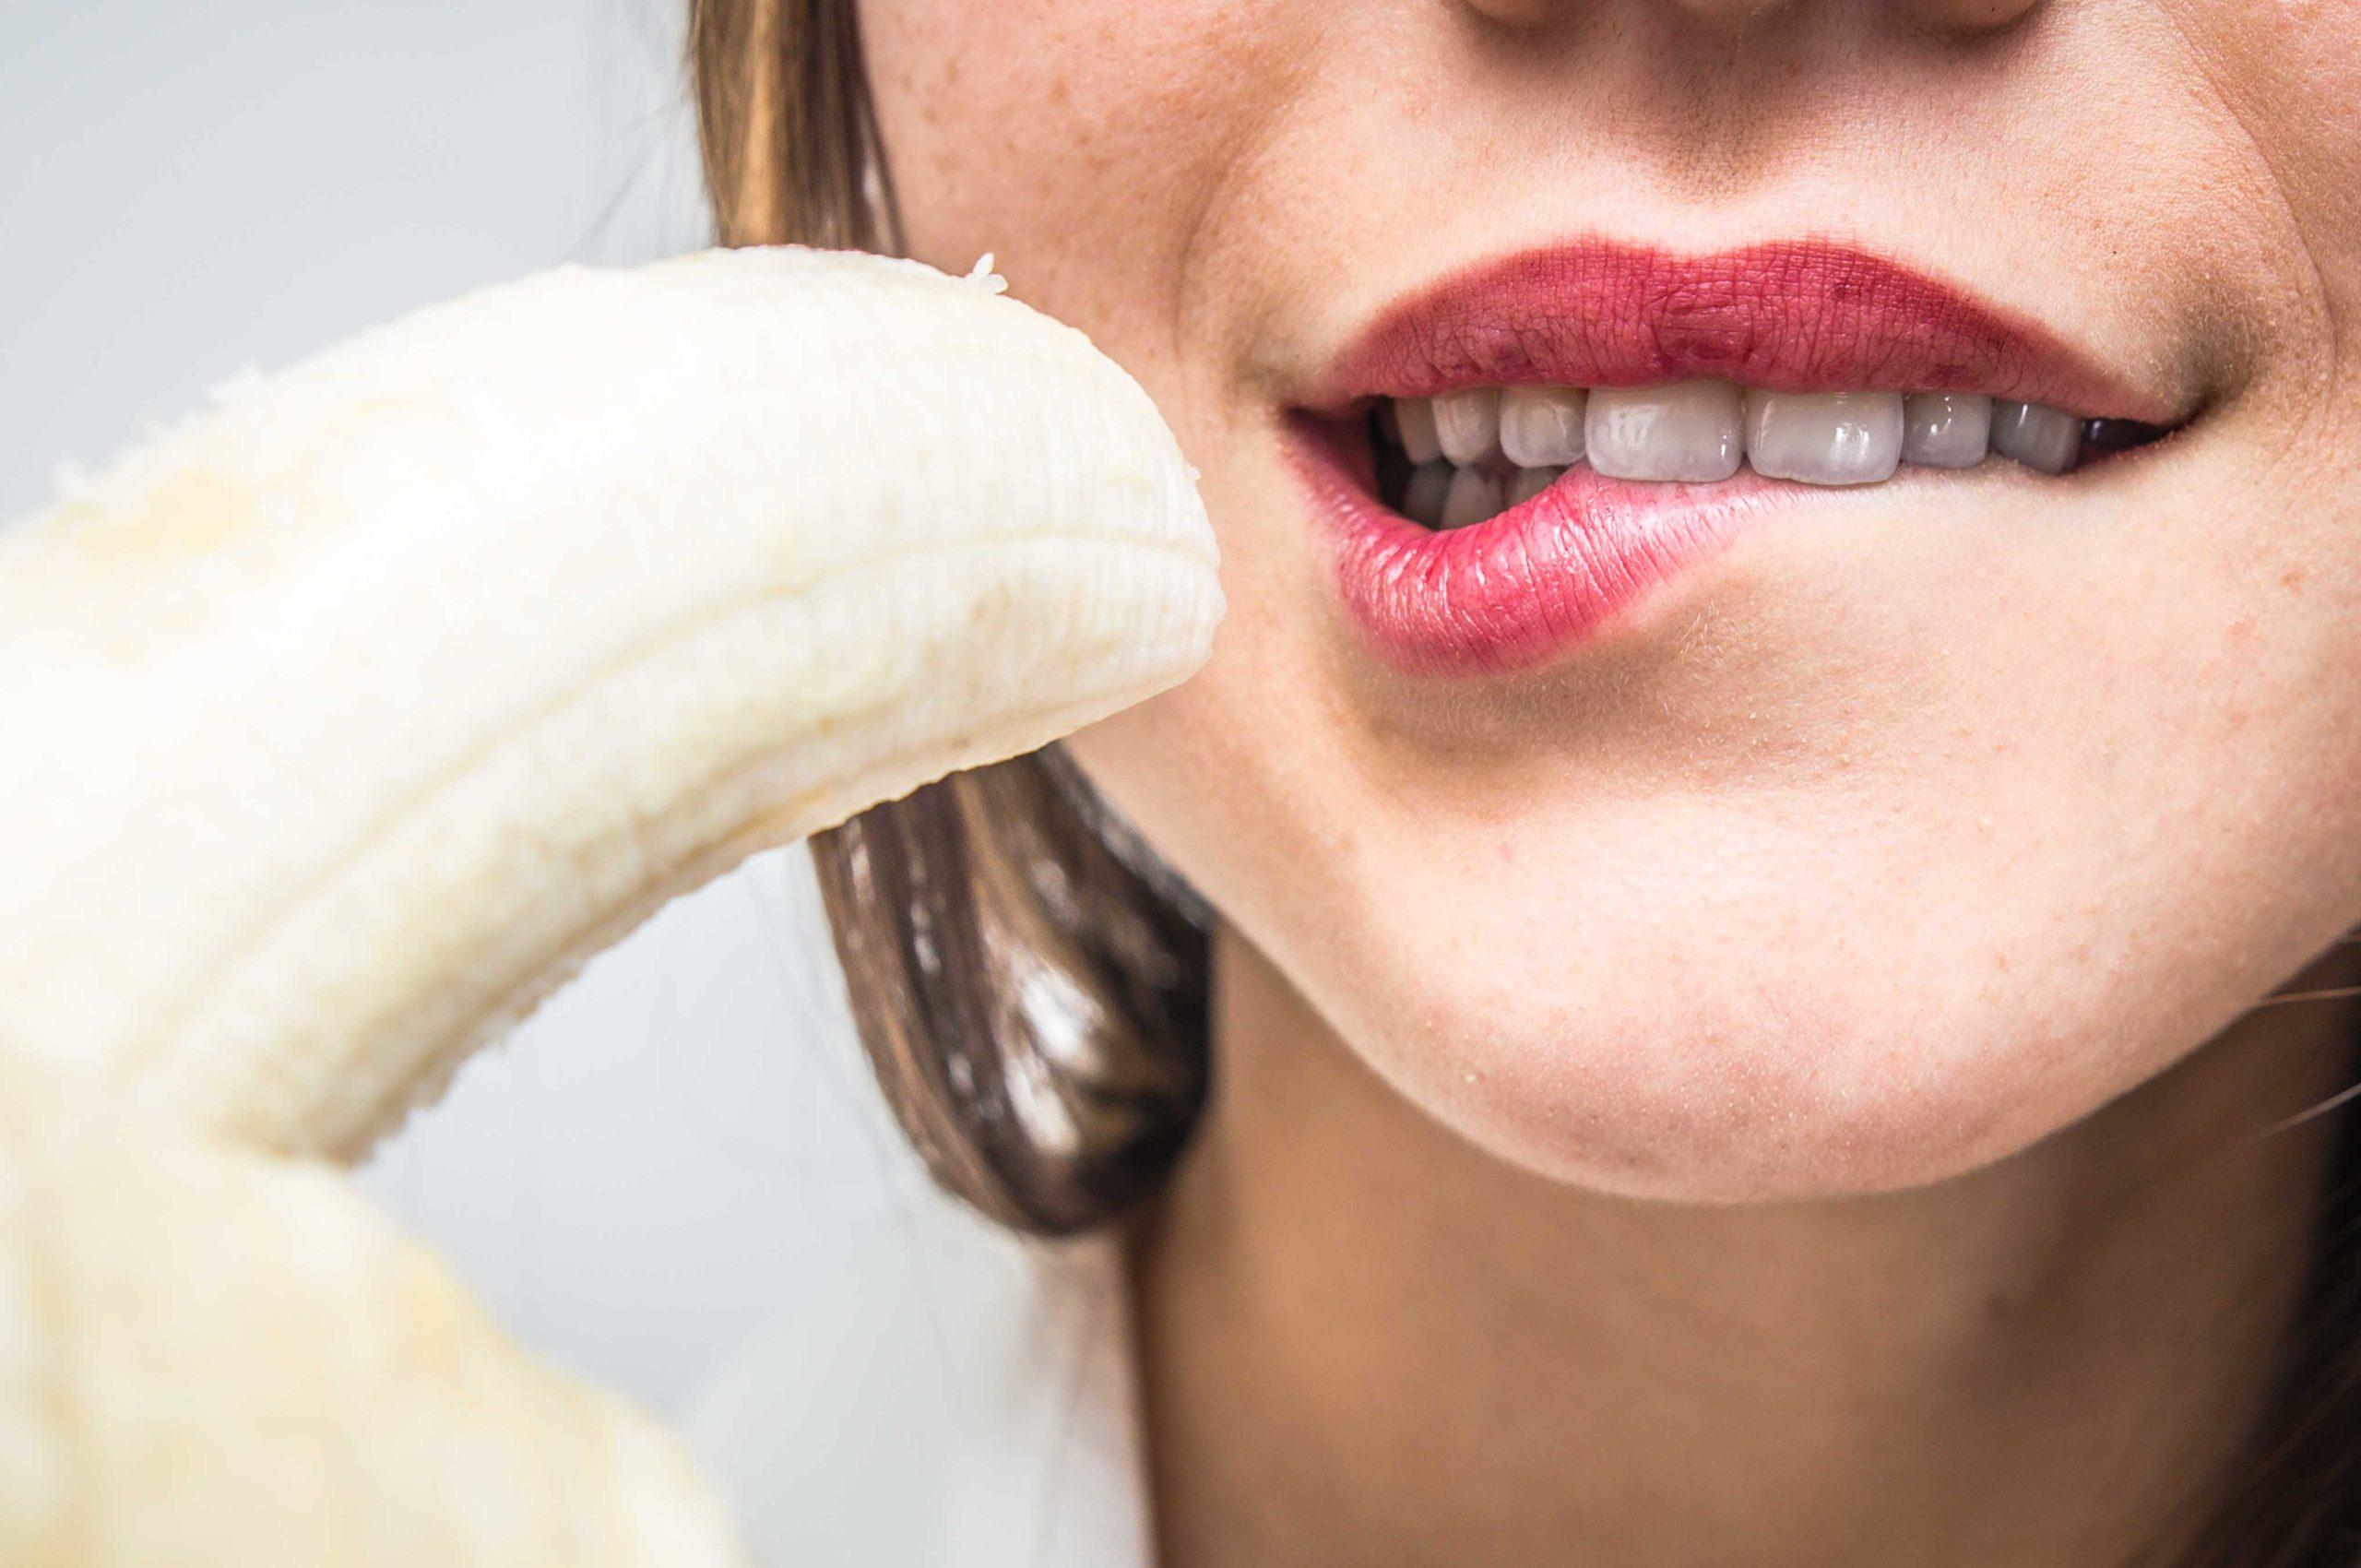 catia pompoarismo sexo oral cuidados